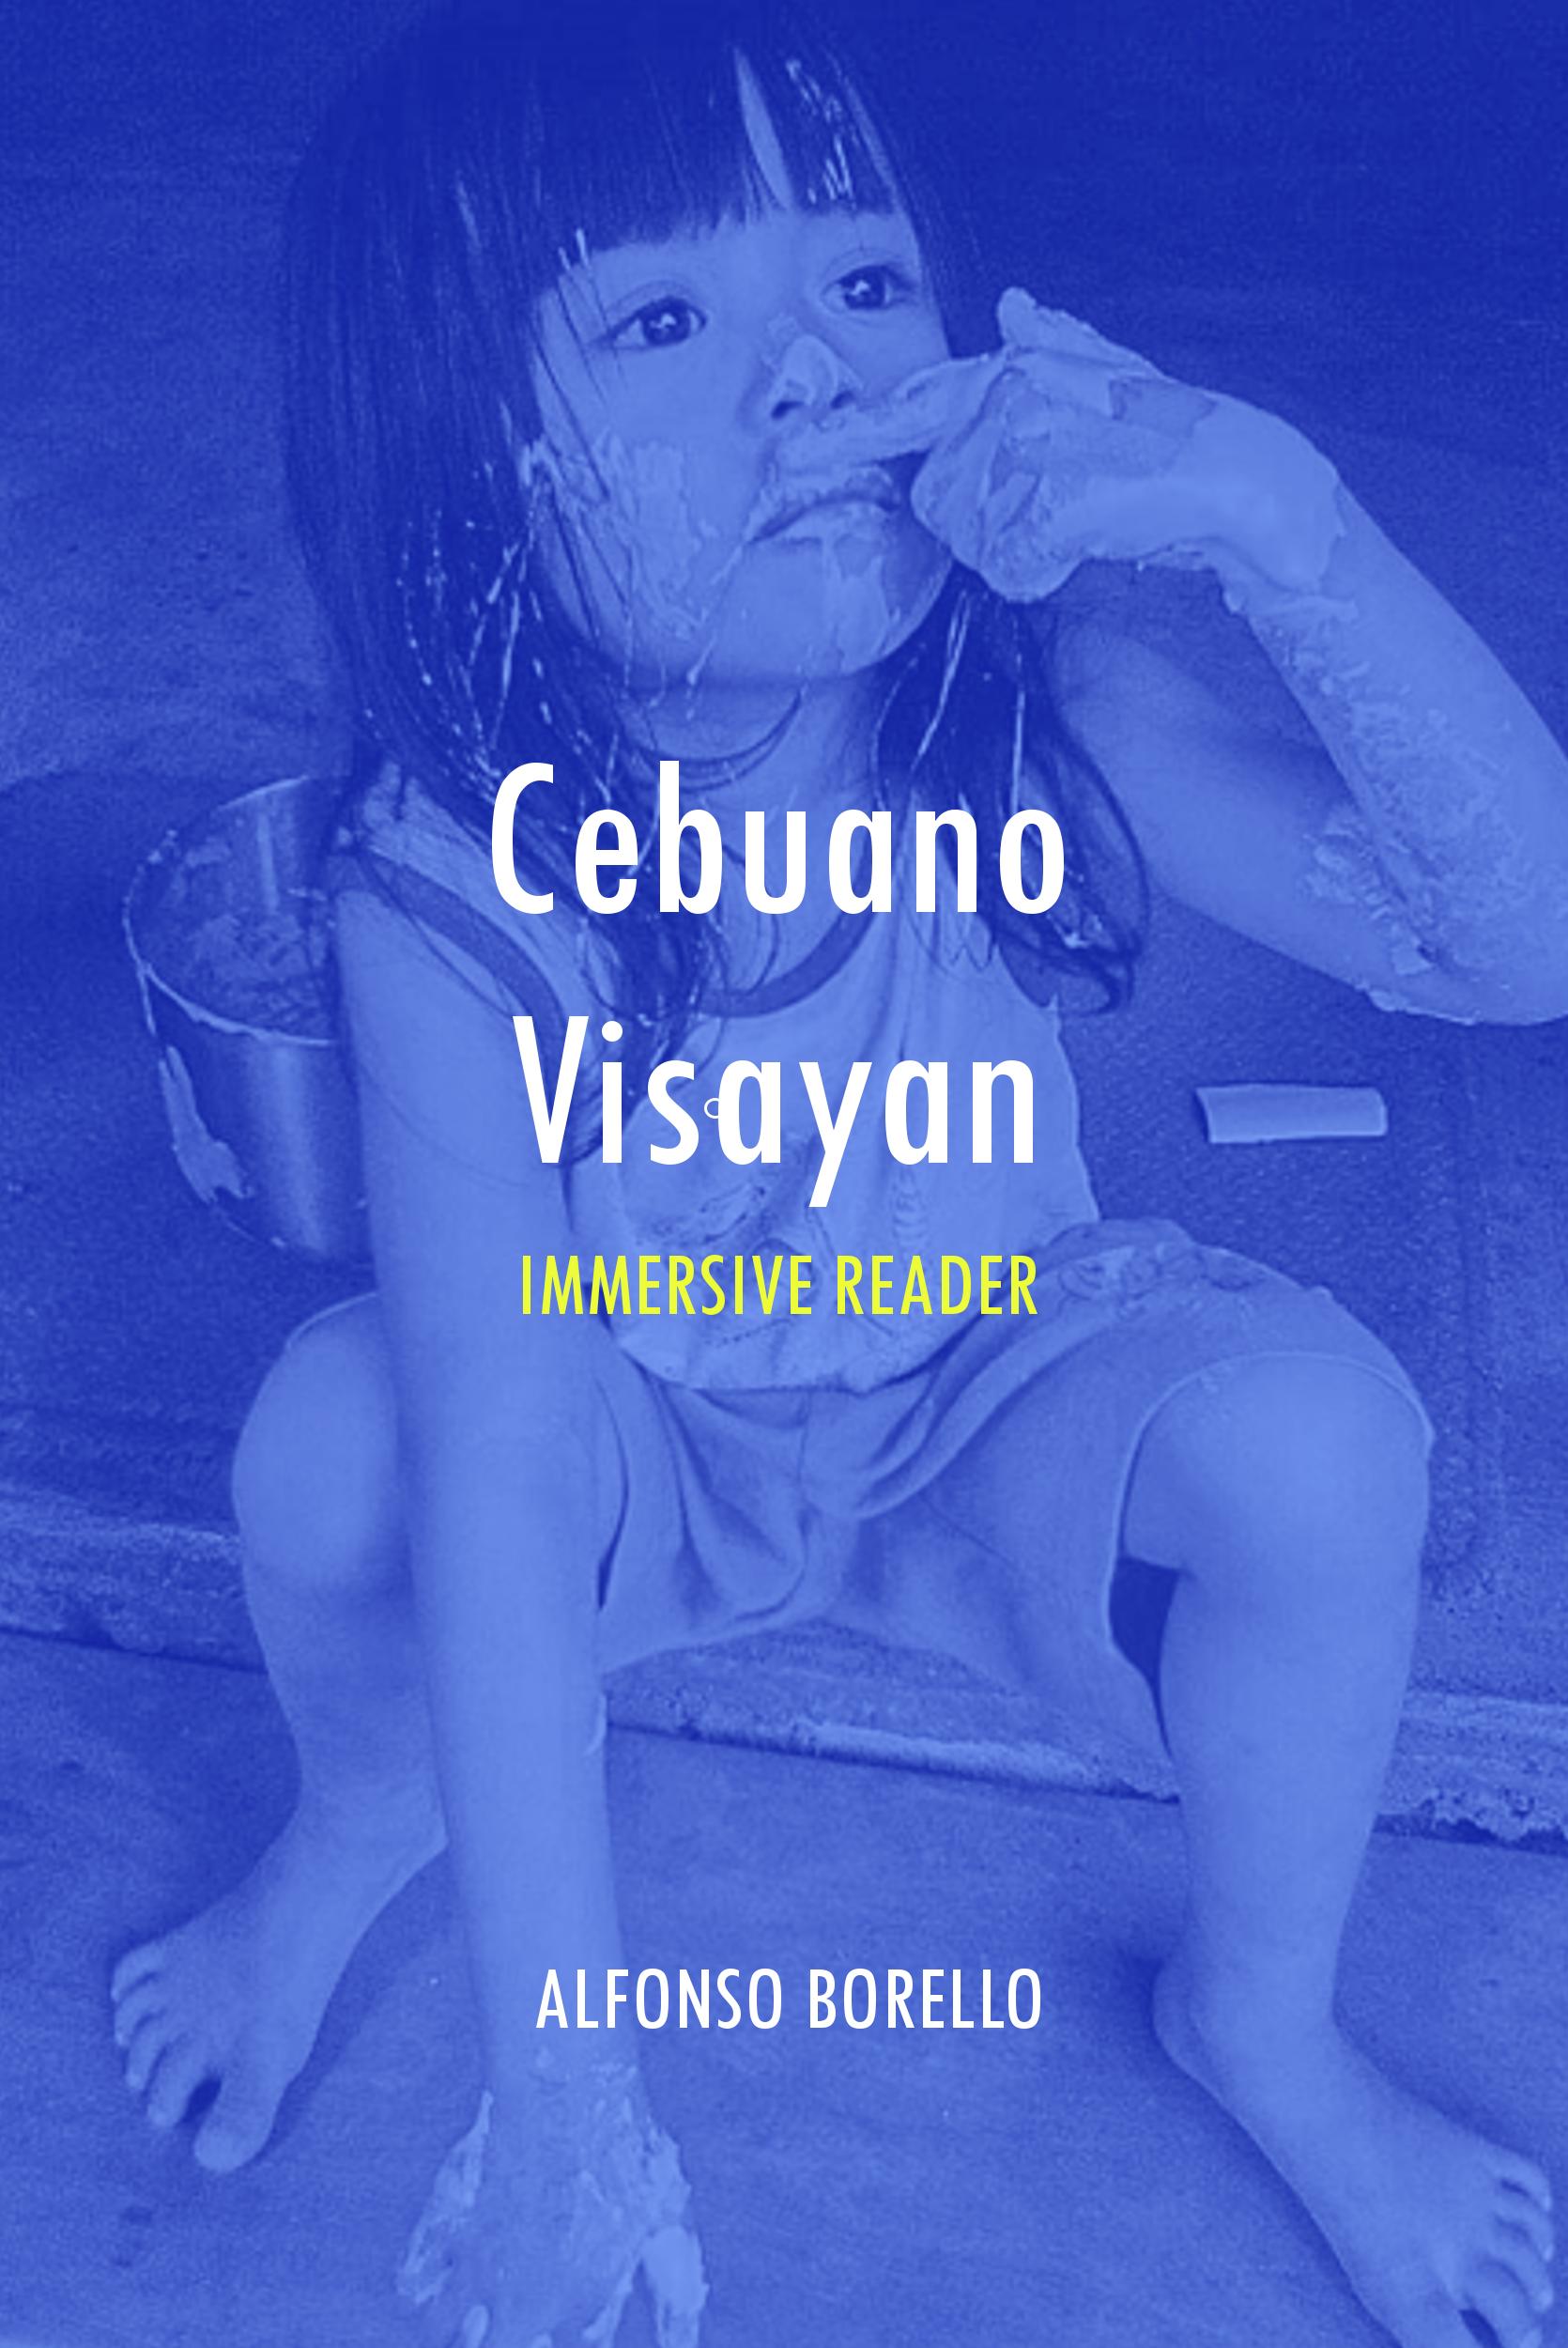 Smashwords Immersive Reader Cebuano Visayan A Book By Alfonso